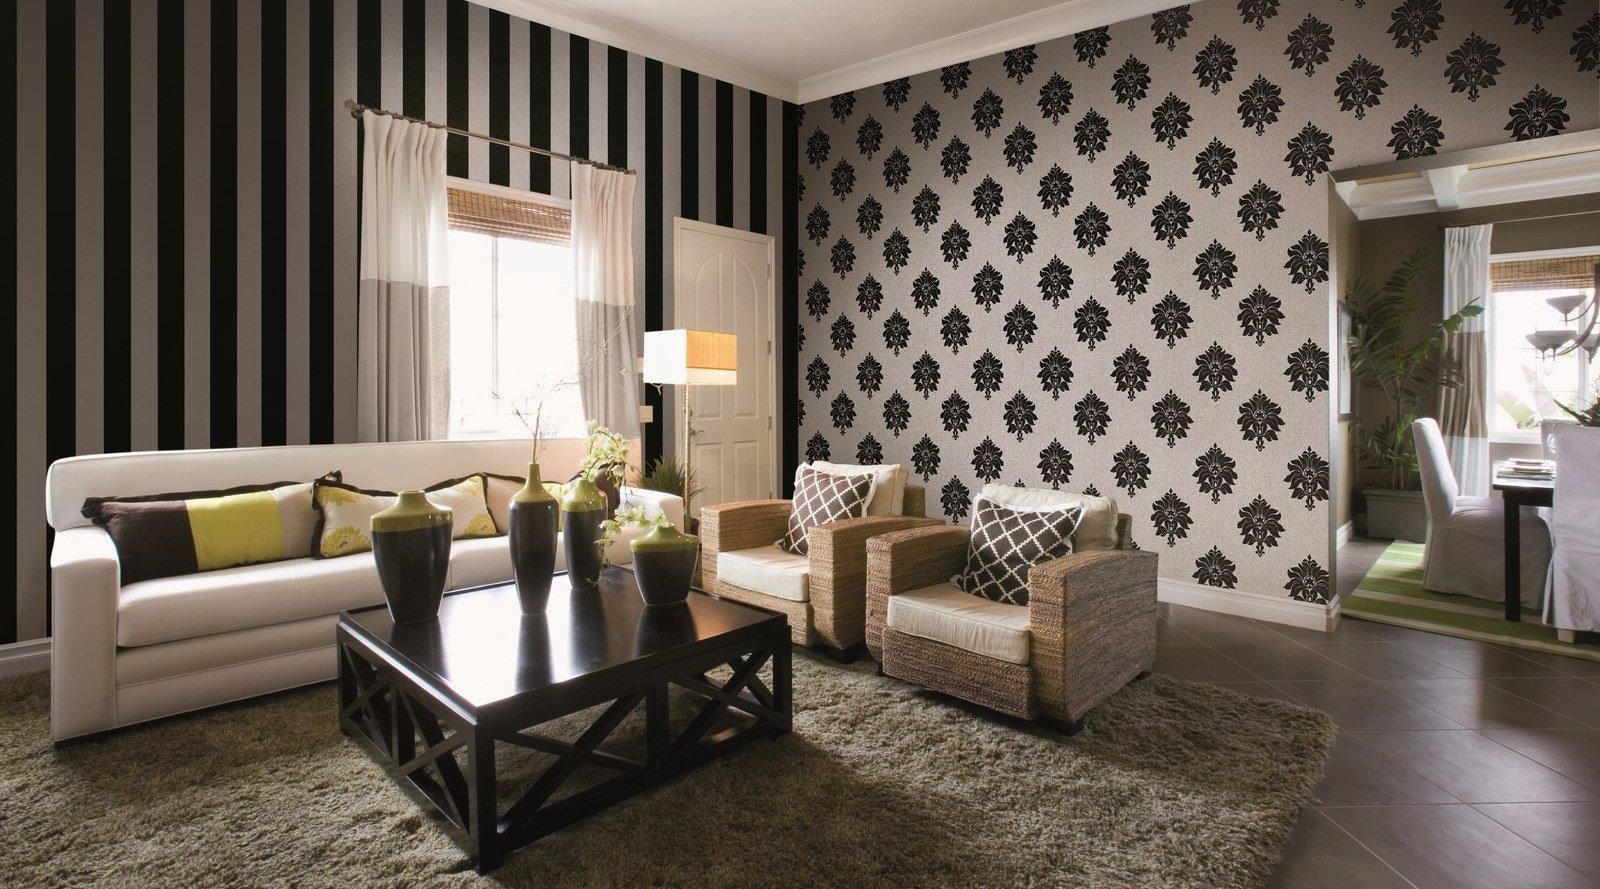 Комбинирование обоев в гостиной (25 фото идеи сочетания) 26